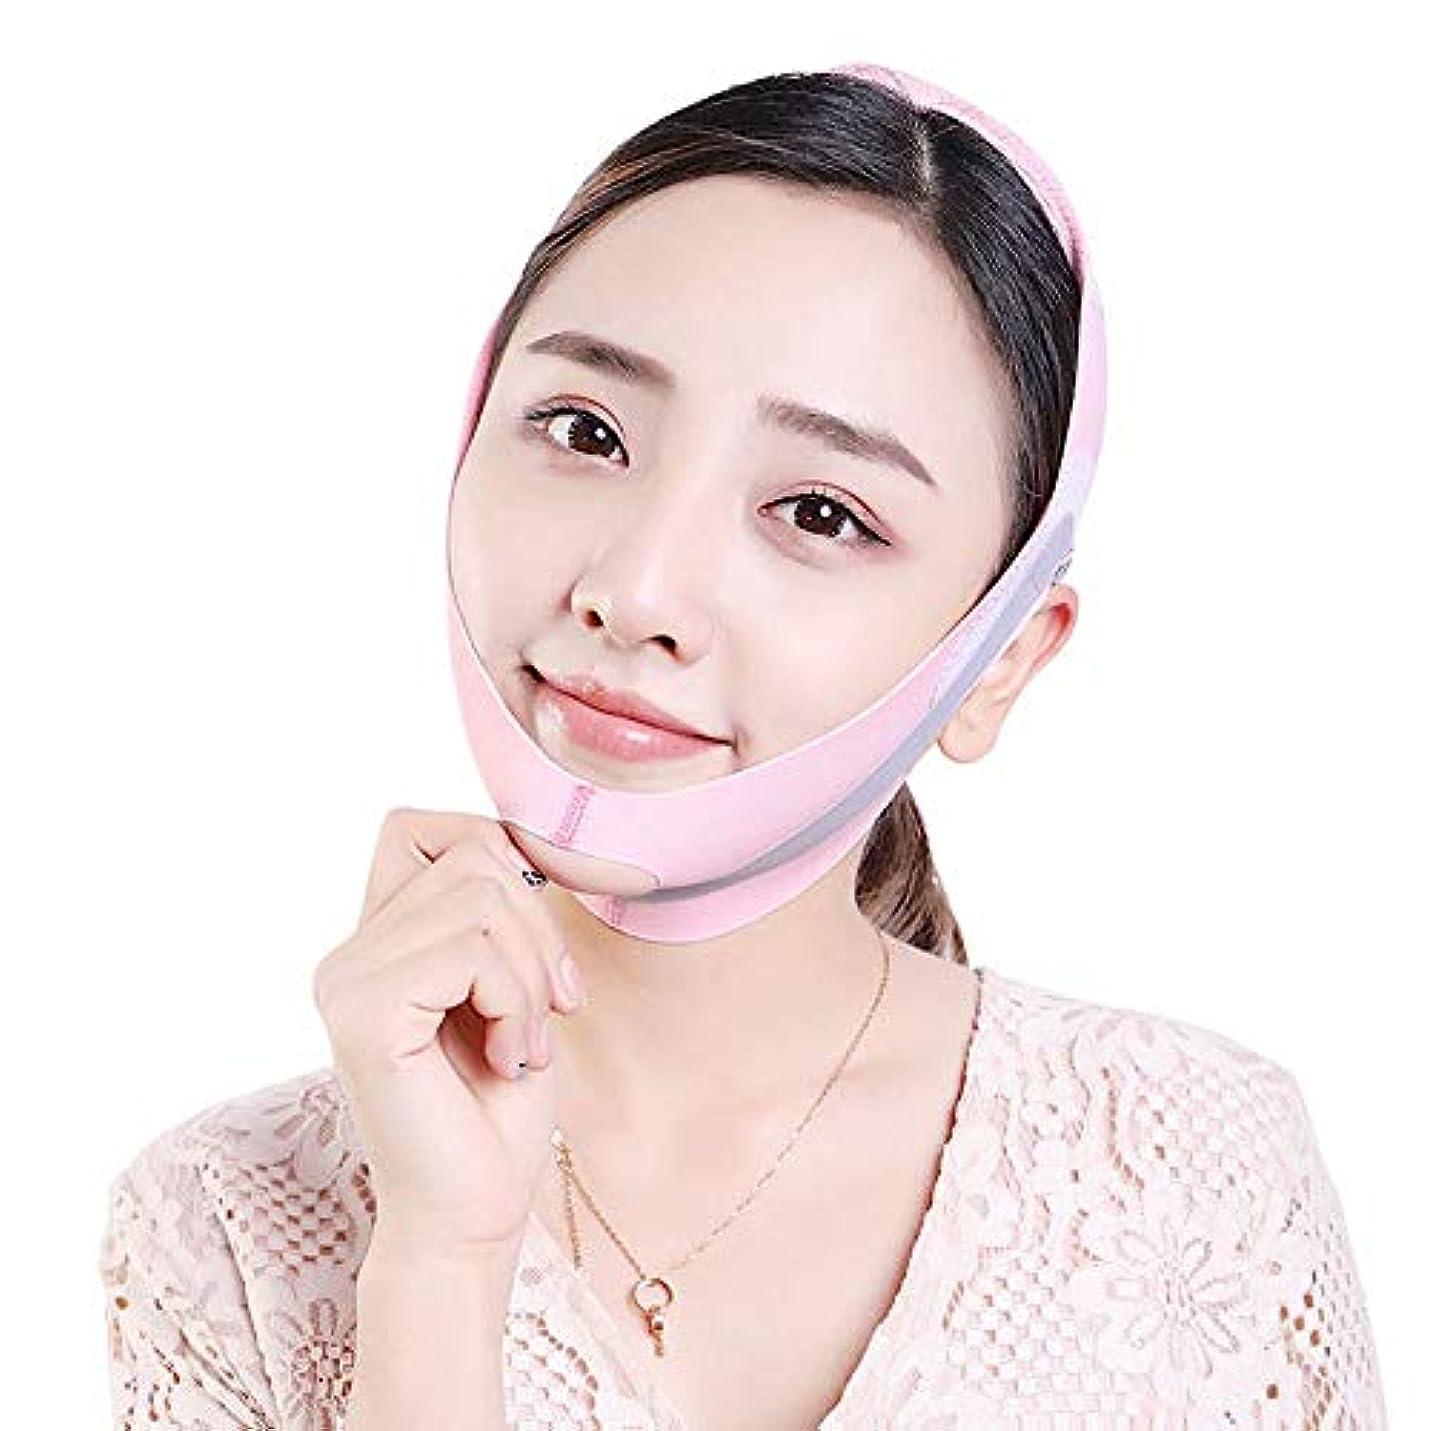 物理的にワードローブ商標Jia Jia- たるみを防ぐために顔を持ち上げるために筋肉を引き締めるために二重あごのステッカーとラインを削除するために、顔を持ち上げるアーティファクト包帯があります - ピンク 顔面包帯